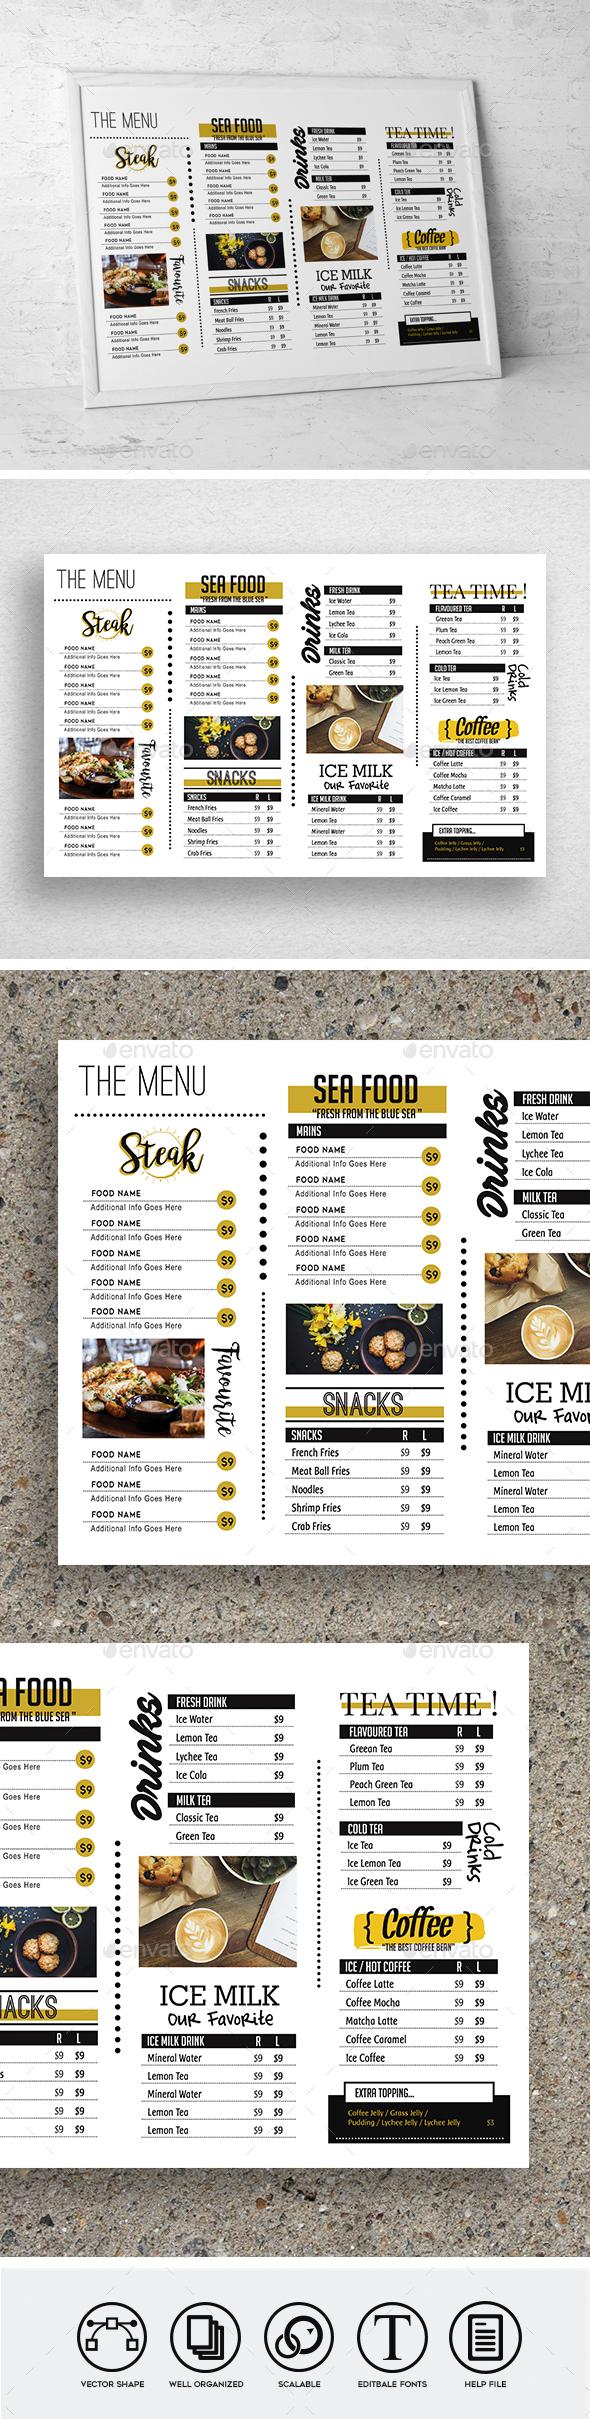 Trendy Food Menu - Food Menus Print Templates